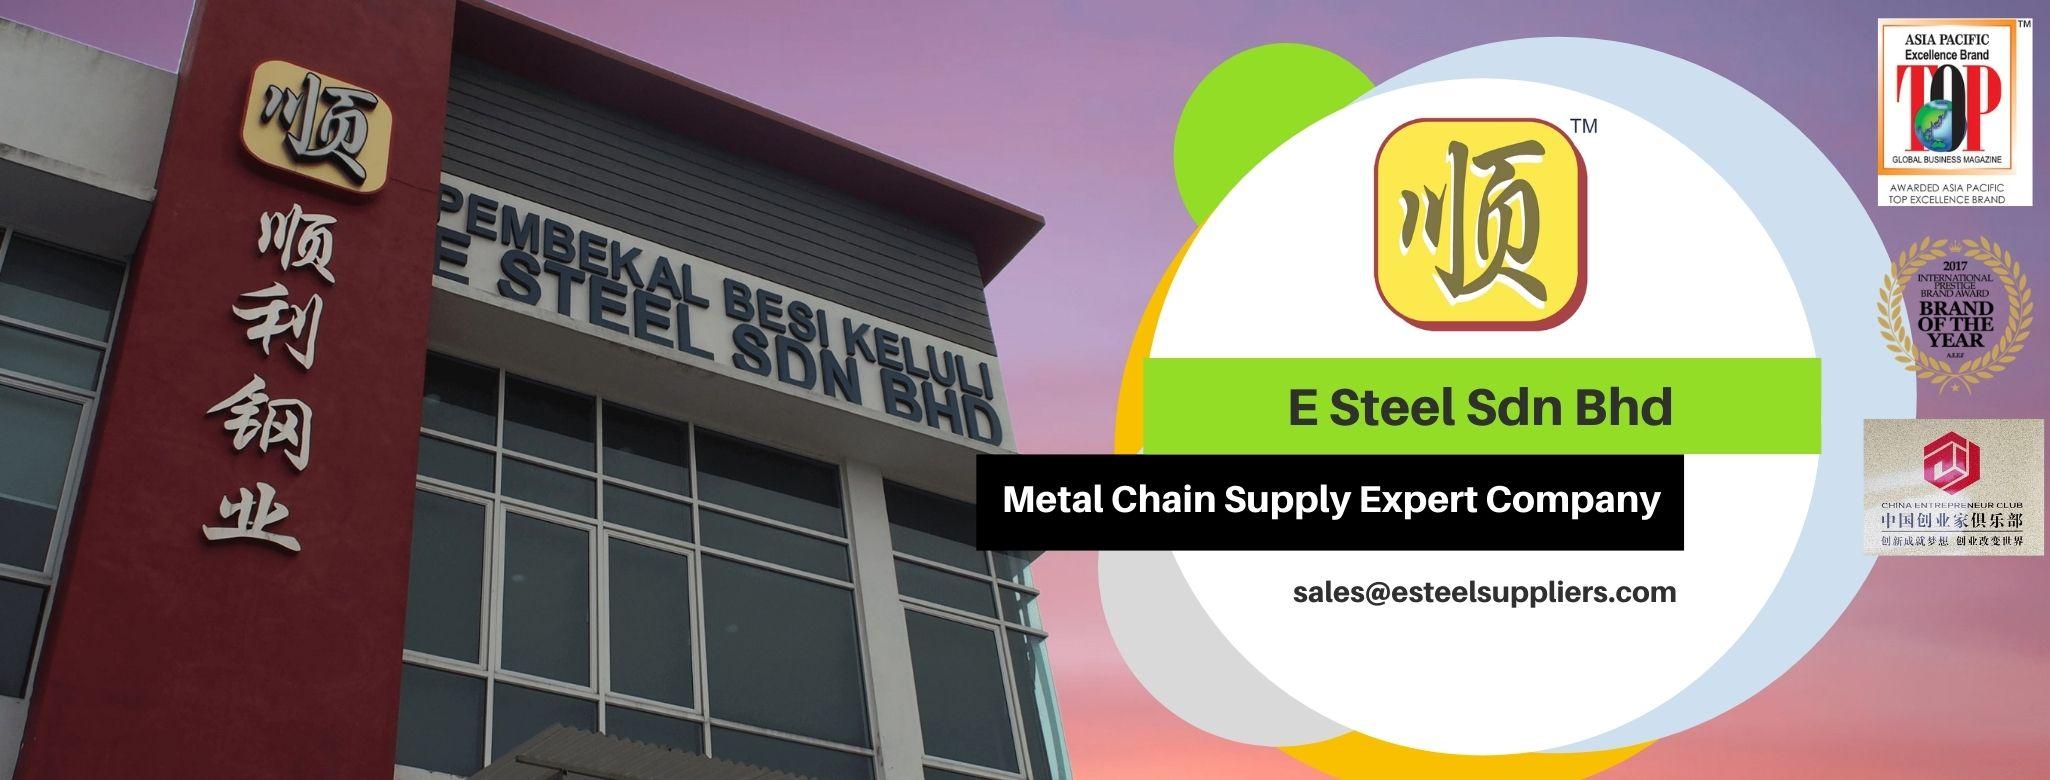 E Steel Sdn Bhd   Malaysia